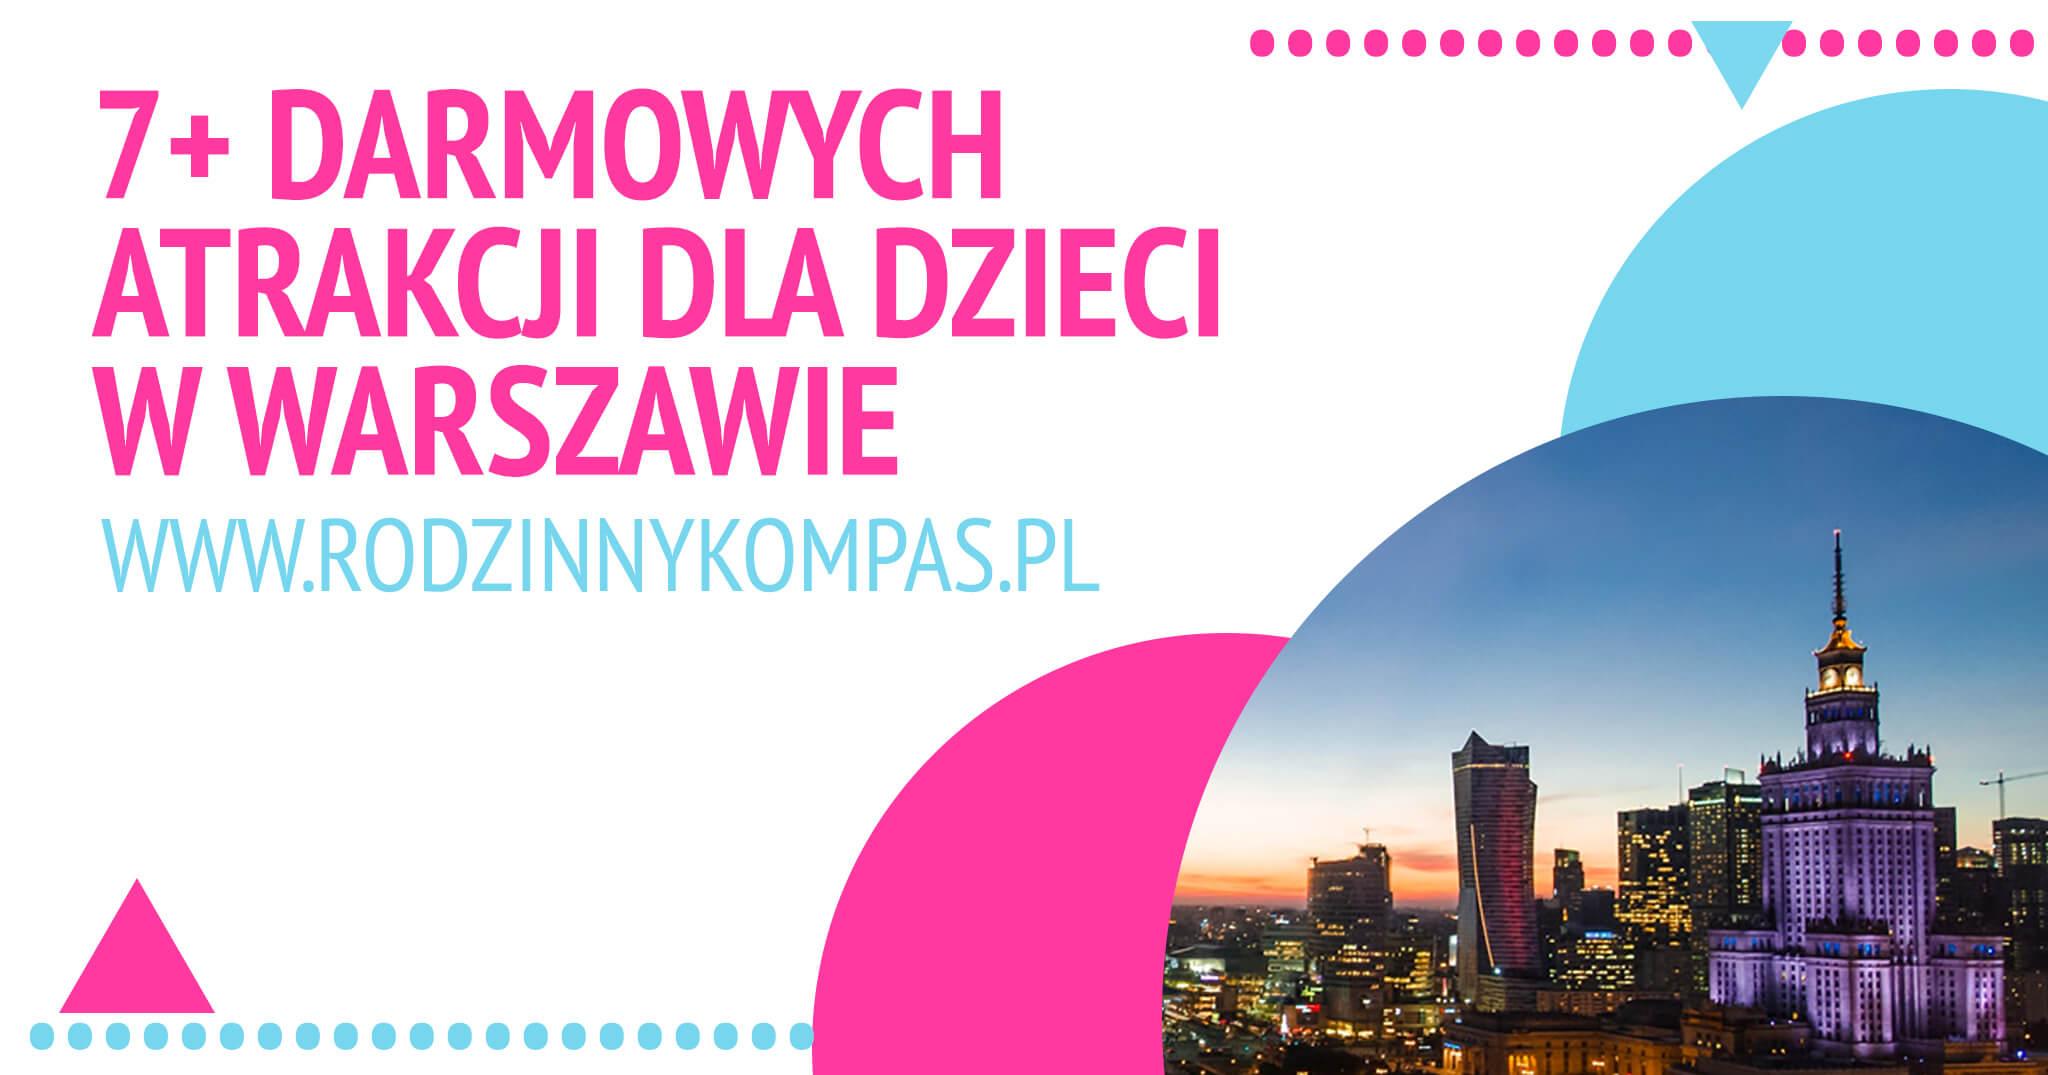 Darmowe atrakcje dla dzieci w Warszawie_rodzinnykompas.pl